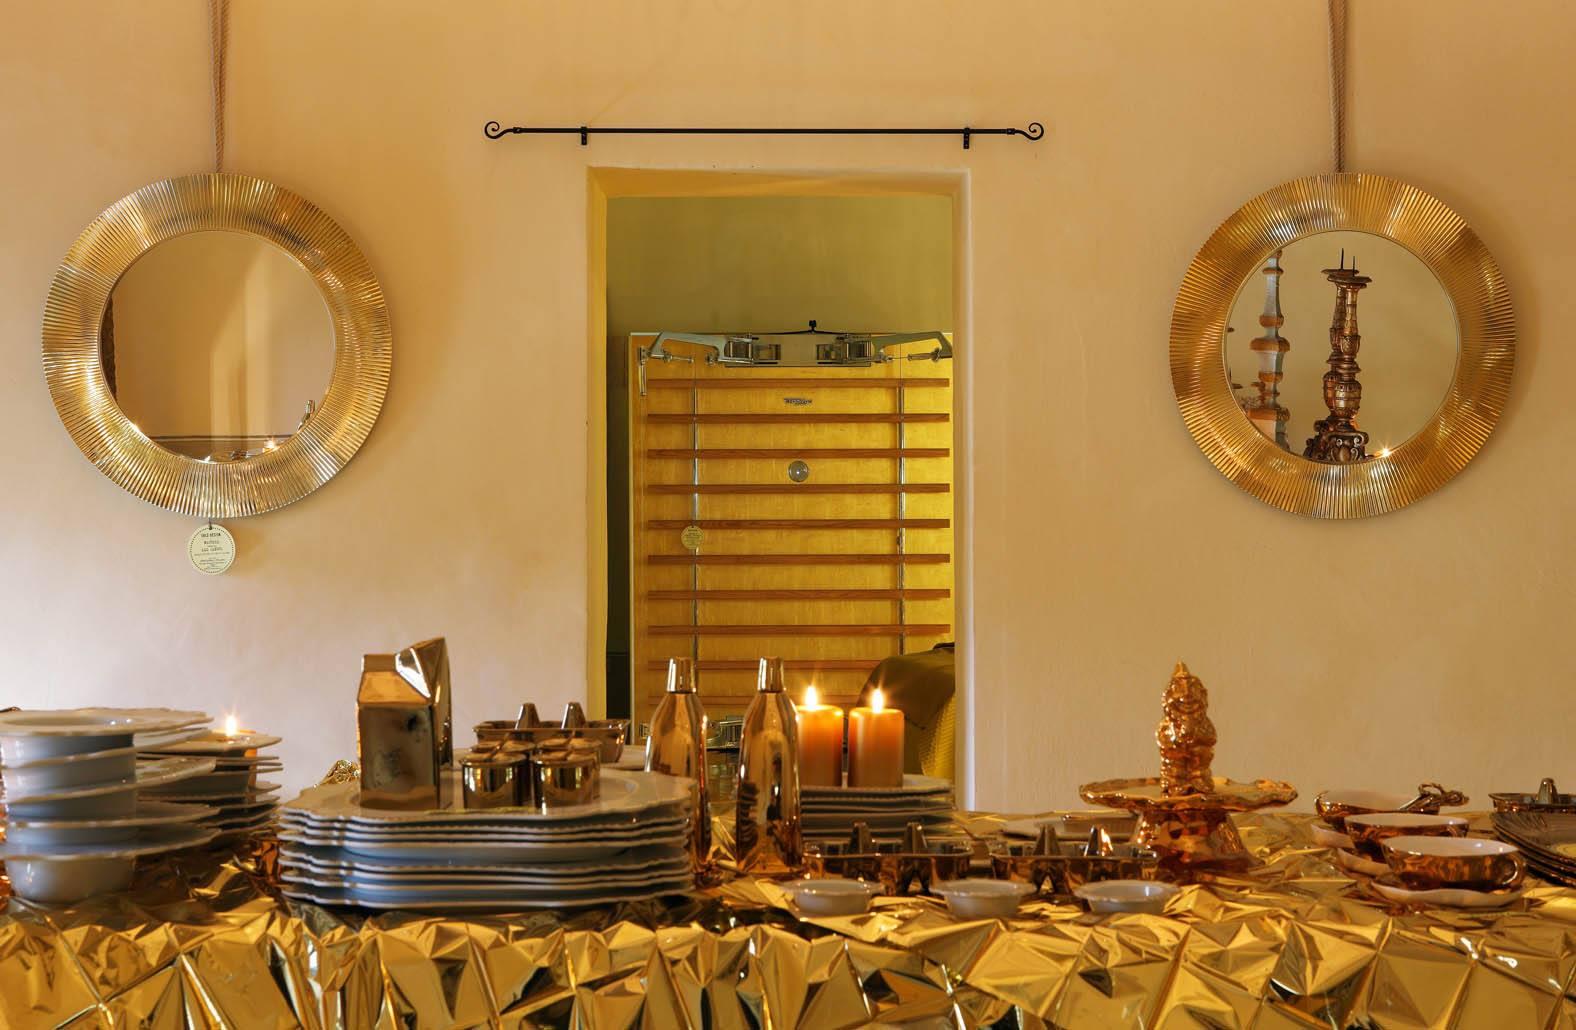 Зеркала от Kartell и Laufen в золотом интерьере